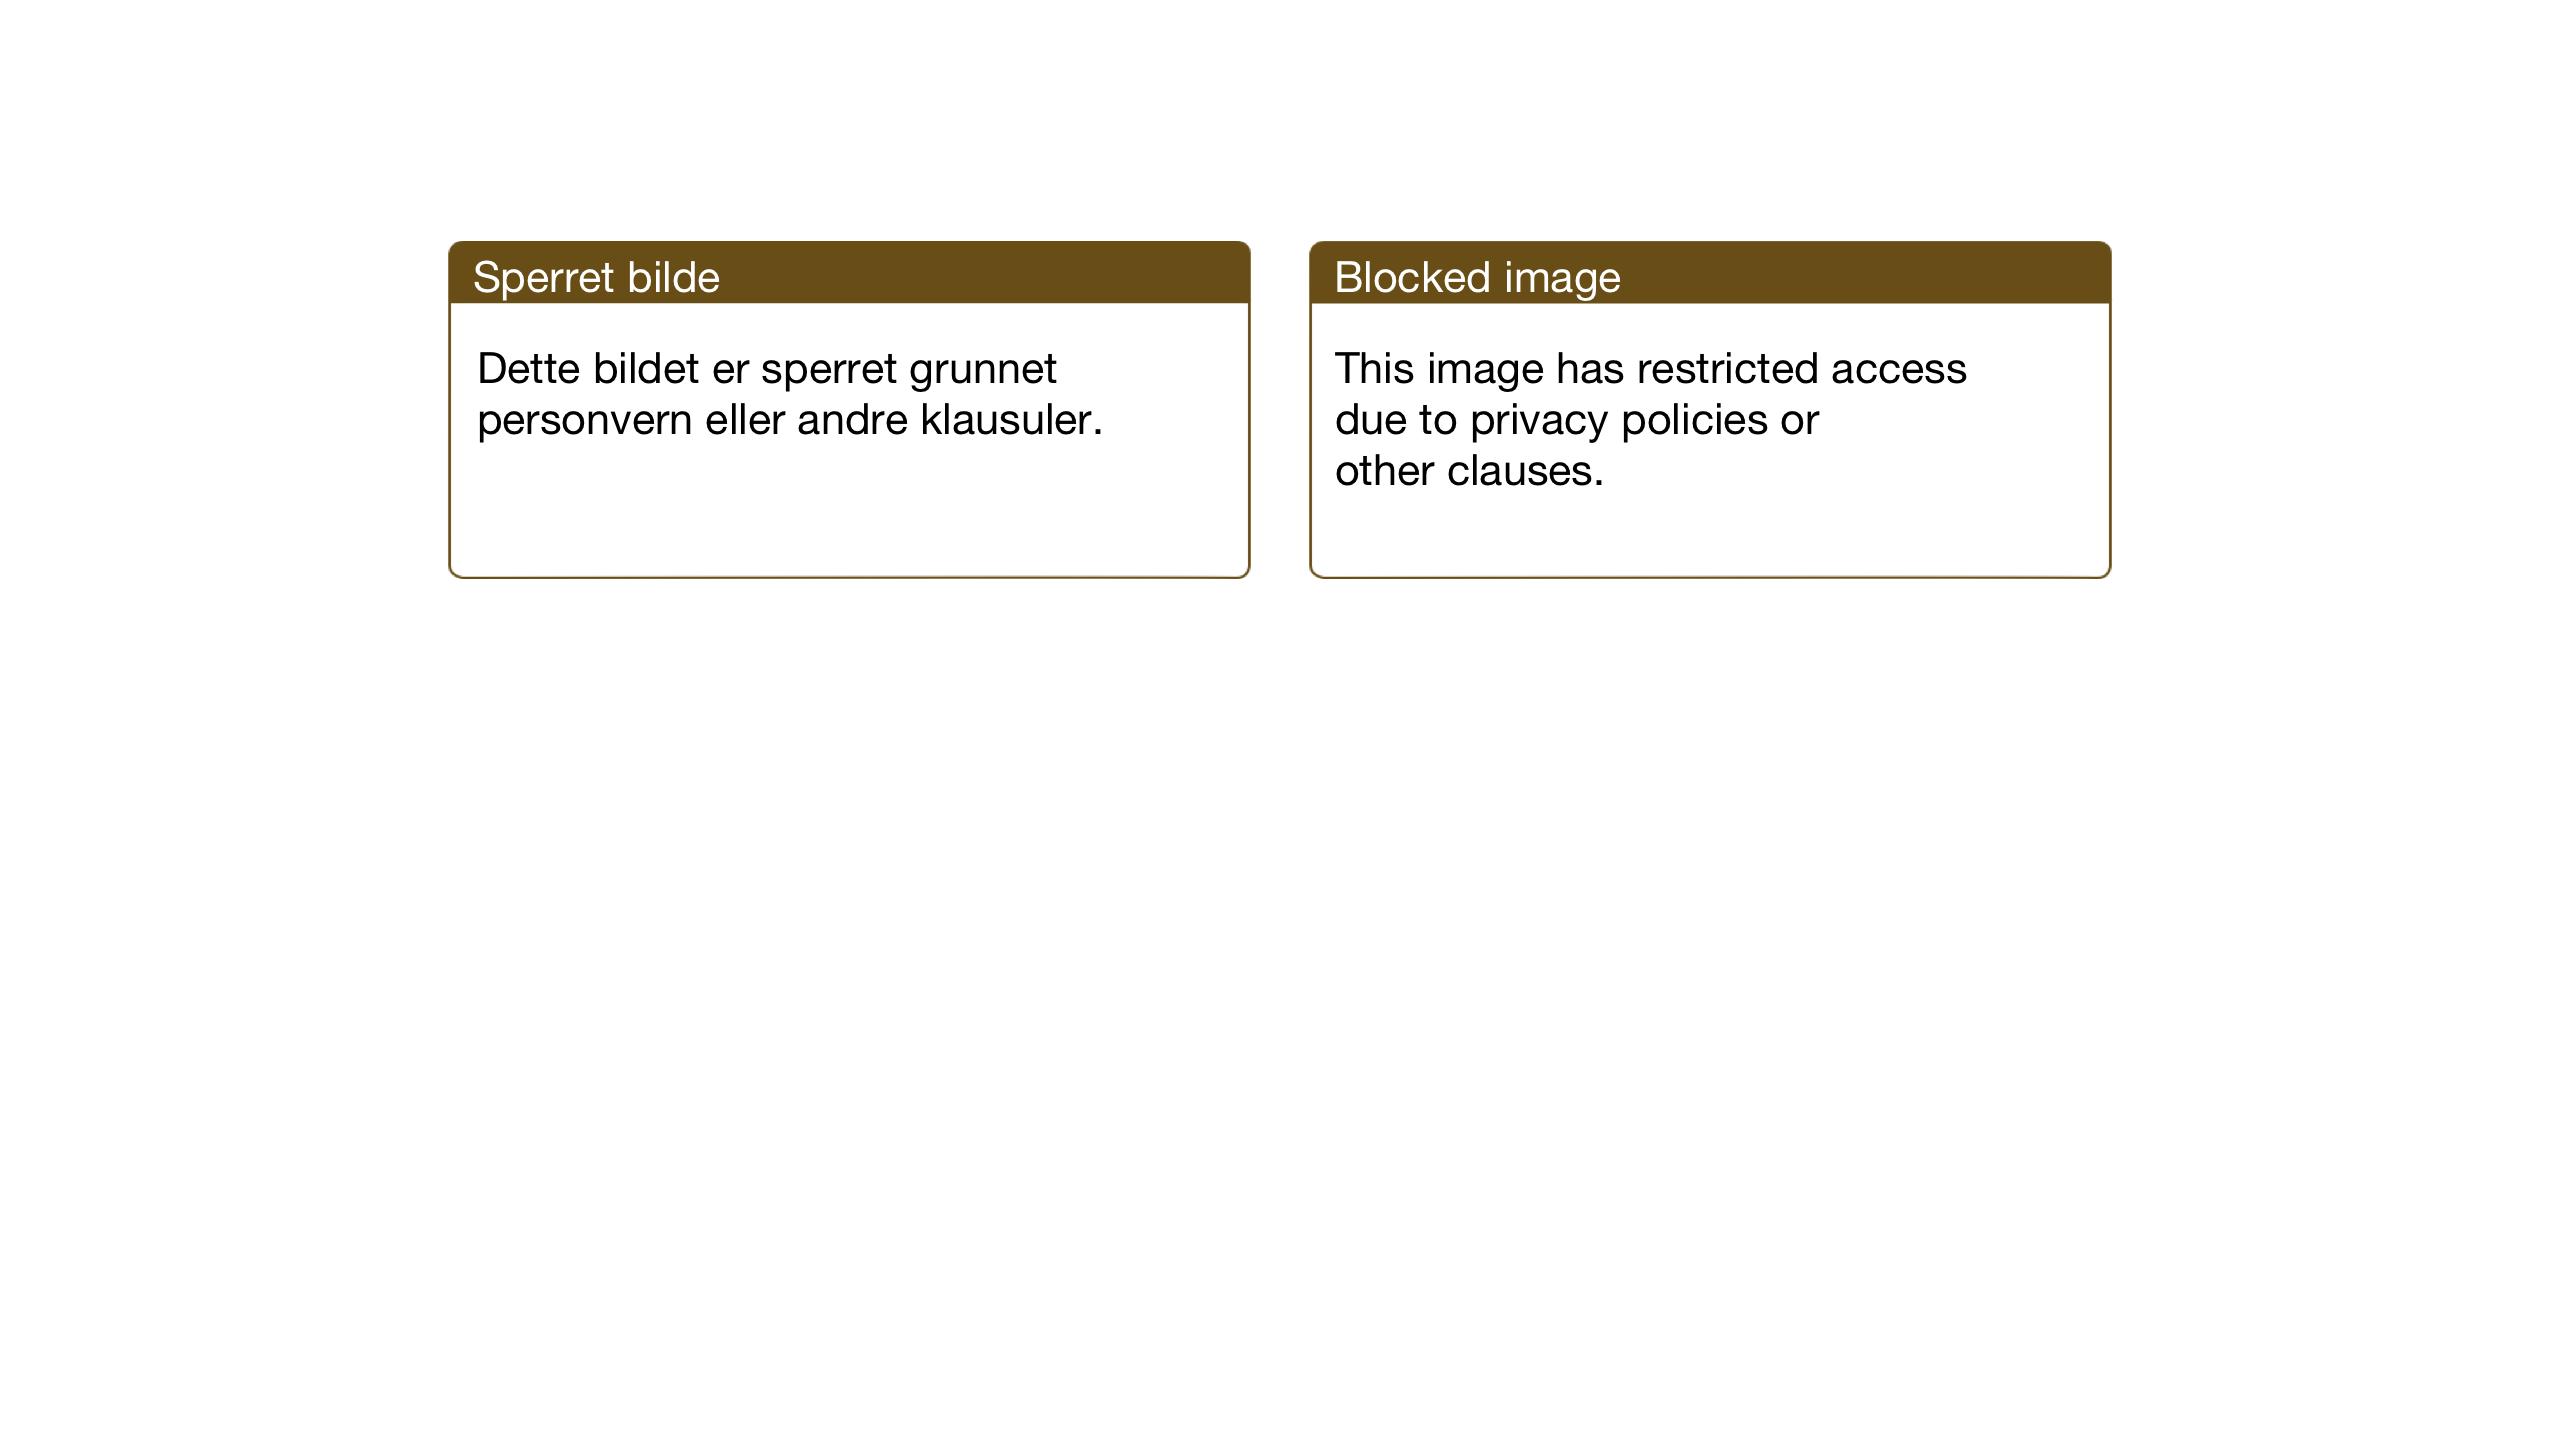 SAT, Ministerialprotokoller, klokkerbøker og fødselsregistre - Sør-Trøndelag, 602/L0148: Klokkerbok nr. 602C16, 1919-1939, s. 120